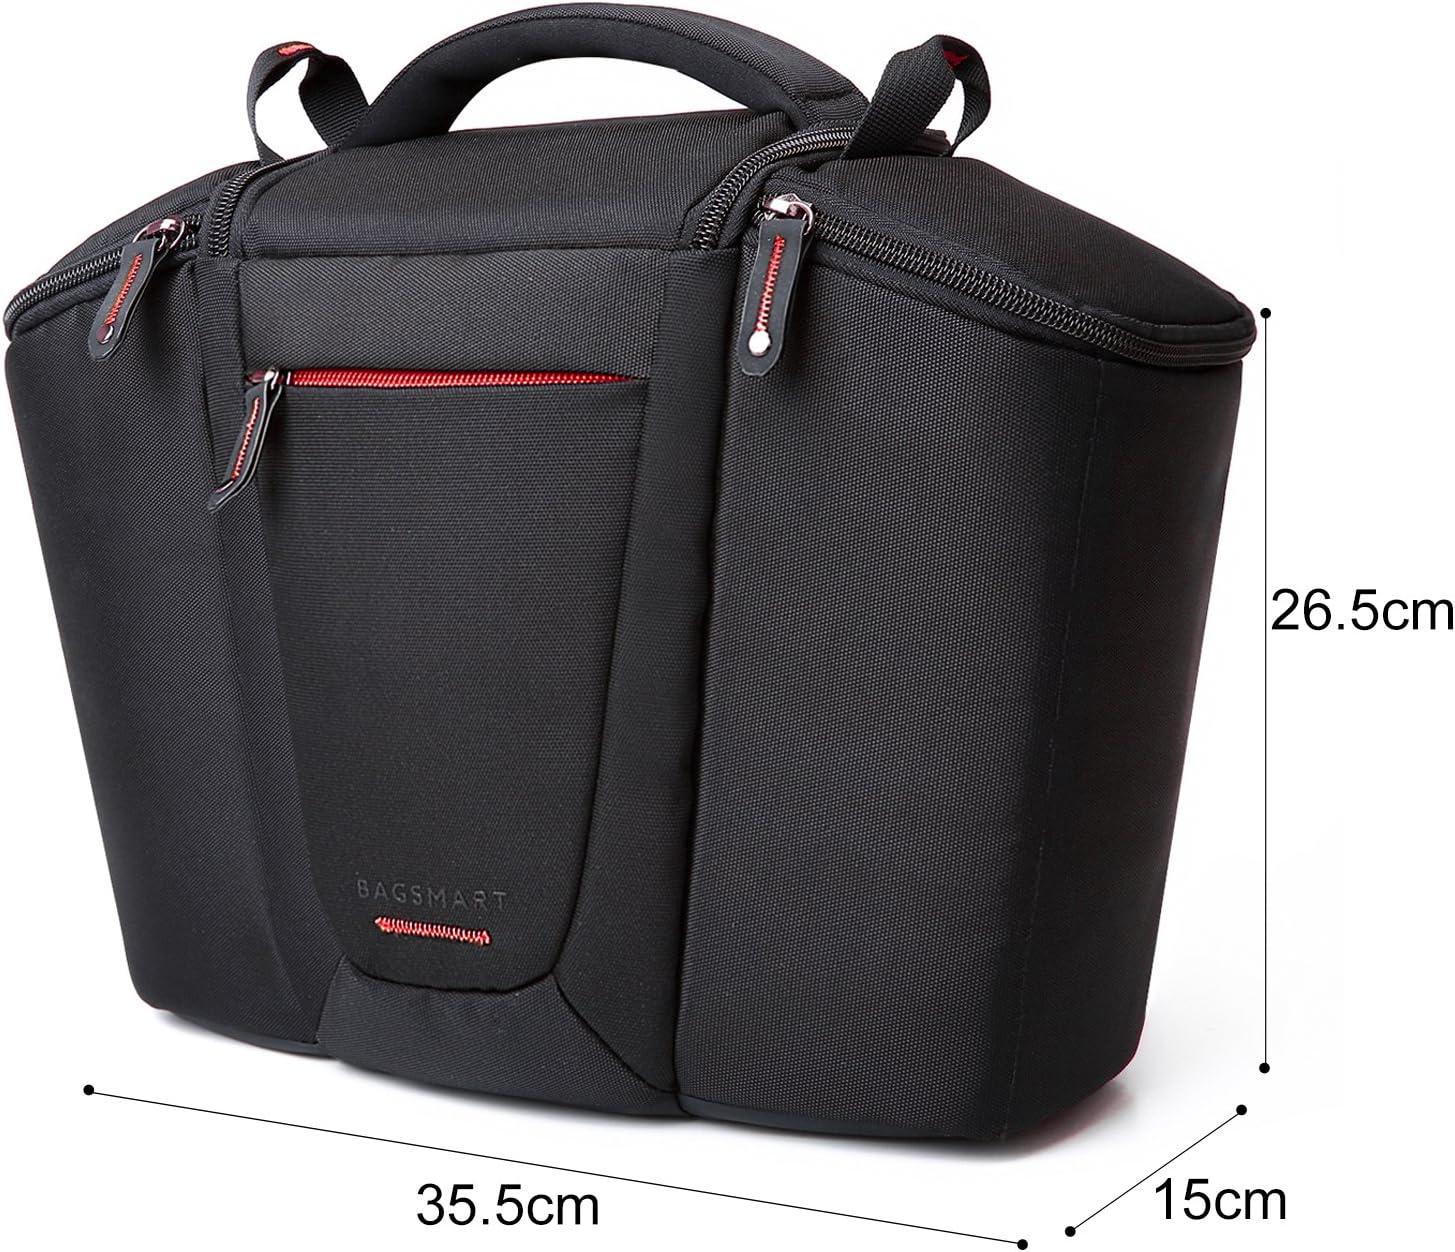 BAGSMART Gepolsterte SLR DSLR Kameratasche mit Regenschutzh/ülle f/ür Objektive bis zu 200mm